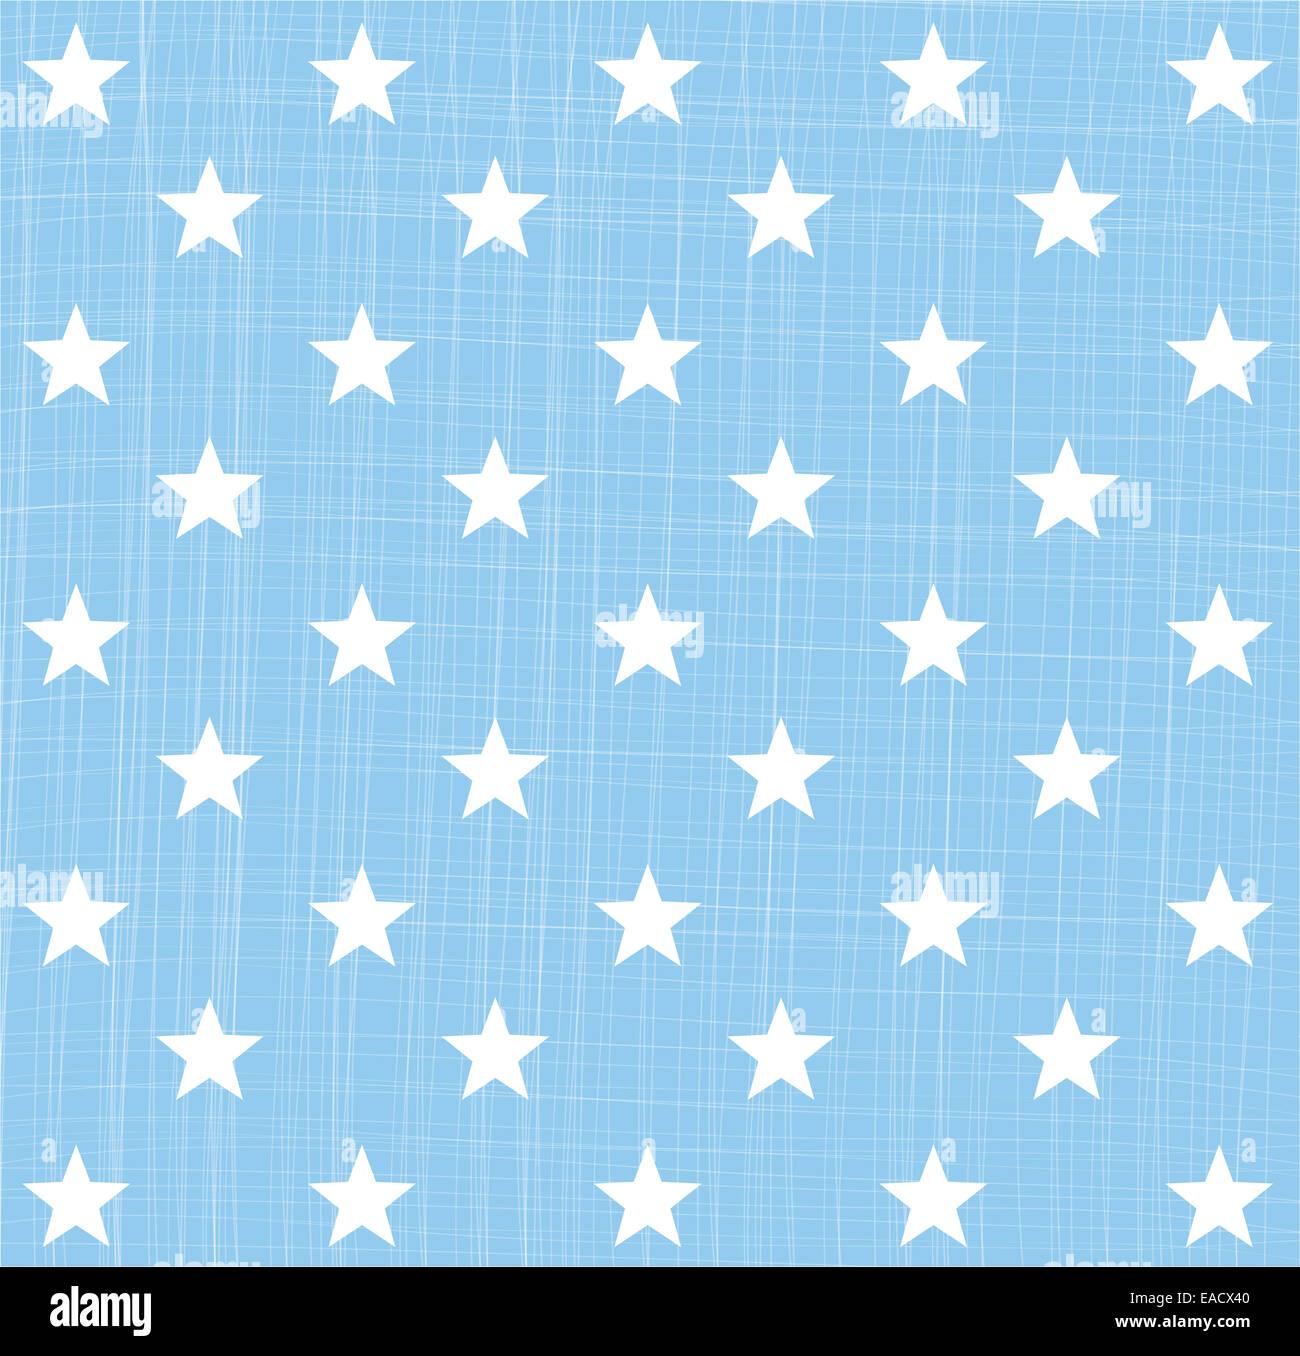 stern sterne sternmuster muster patrn hellblau sternenmuster kontur struktur hintergrund weihnachten navidad heilig abend gr - Stern Muster